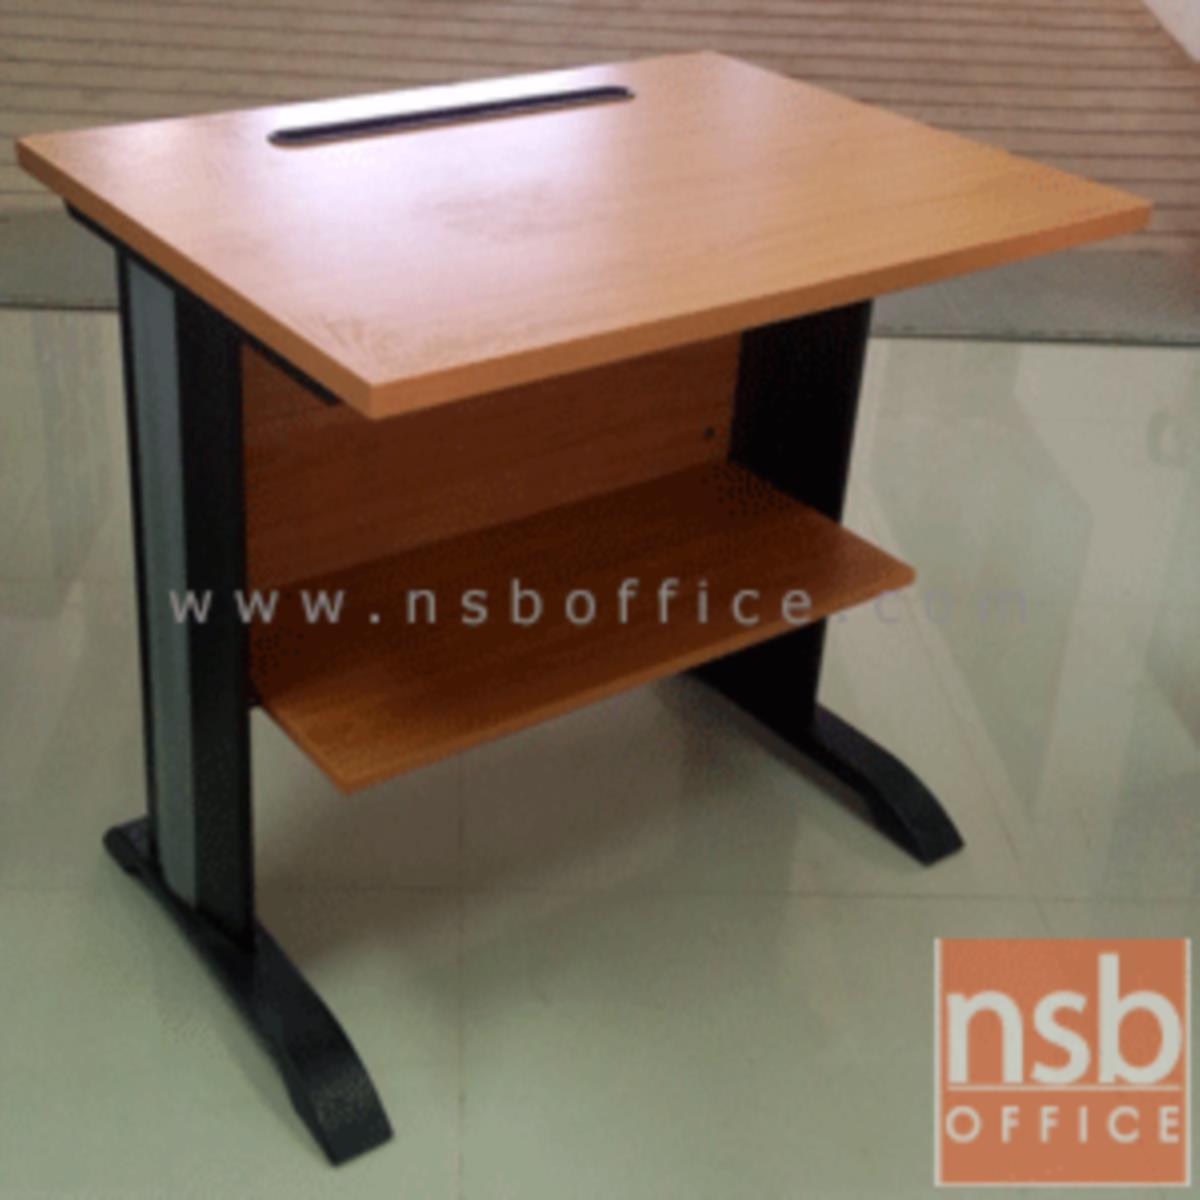 A18A015:โต๊ะวางปริ้นเตอร์ พร้อมชั้นวางกระดาษด้านล่าง Print desk - C